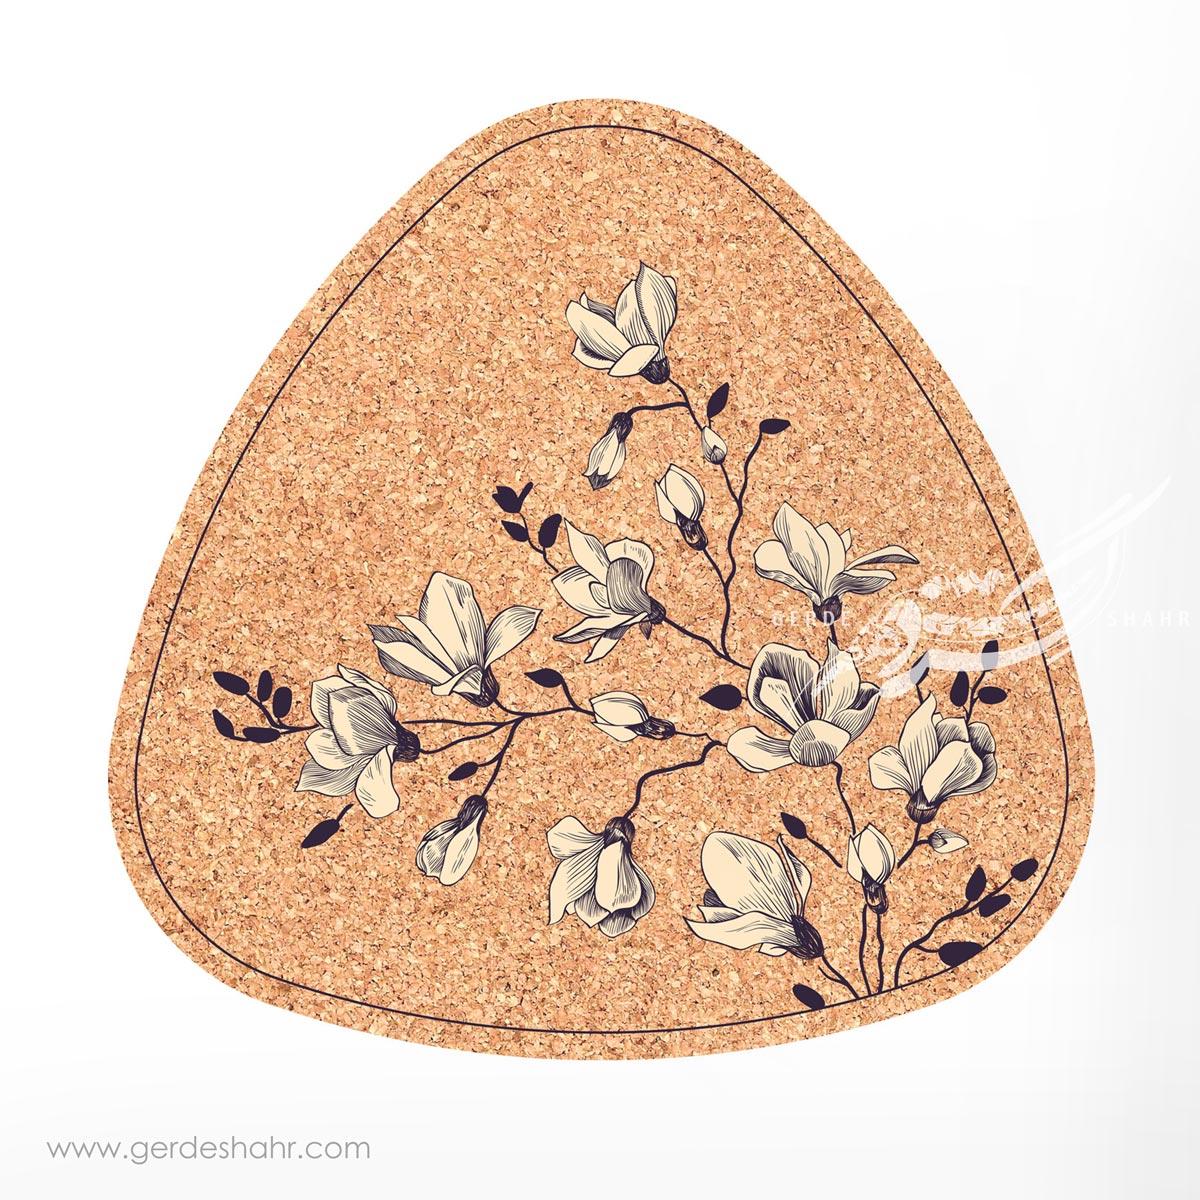 زیرقابلمه ای مثلث 30 گل مگنولیا  محصولات